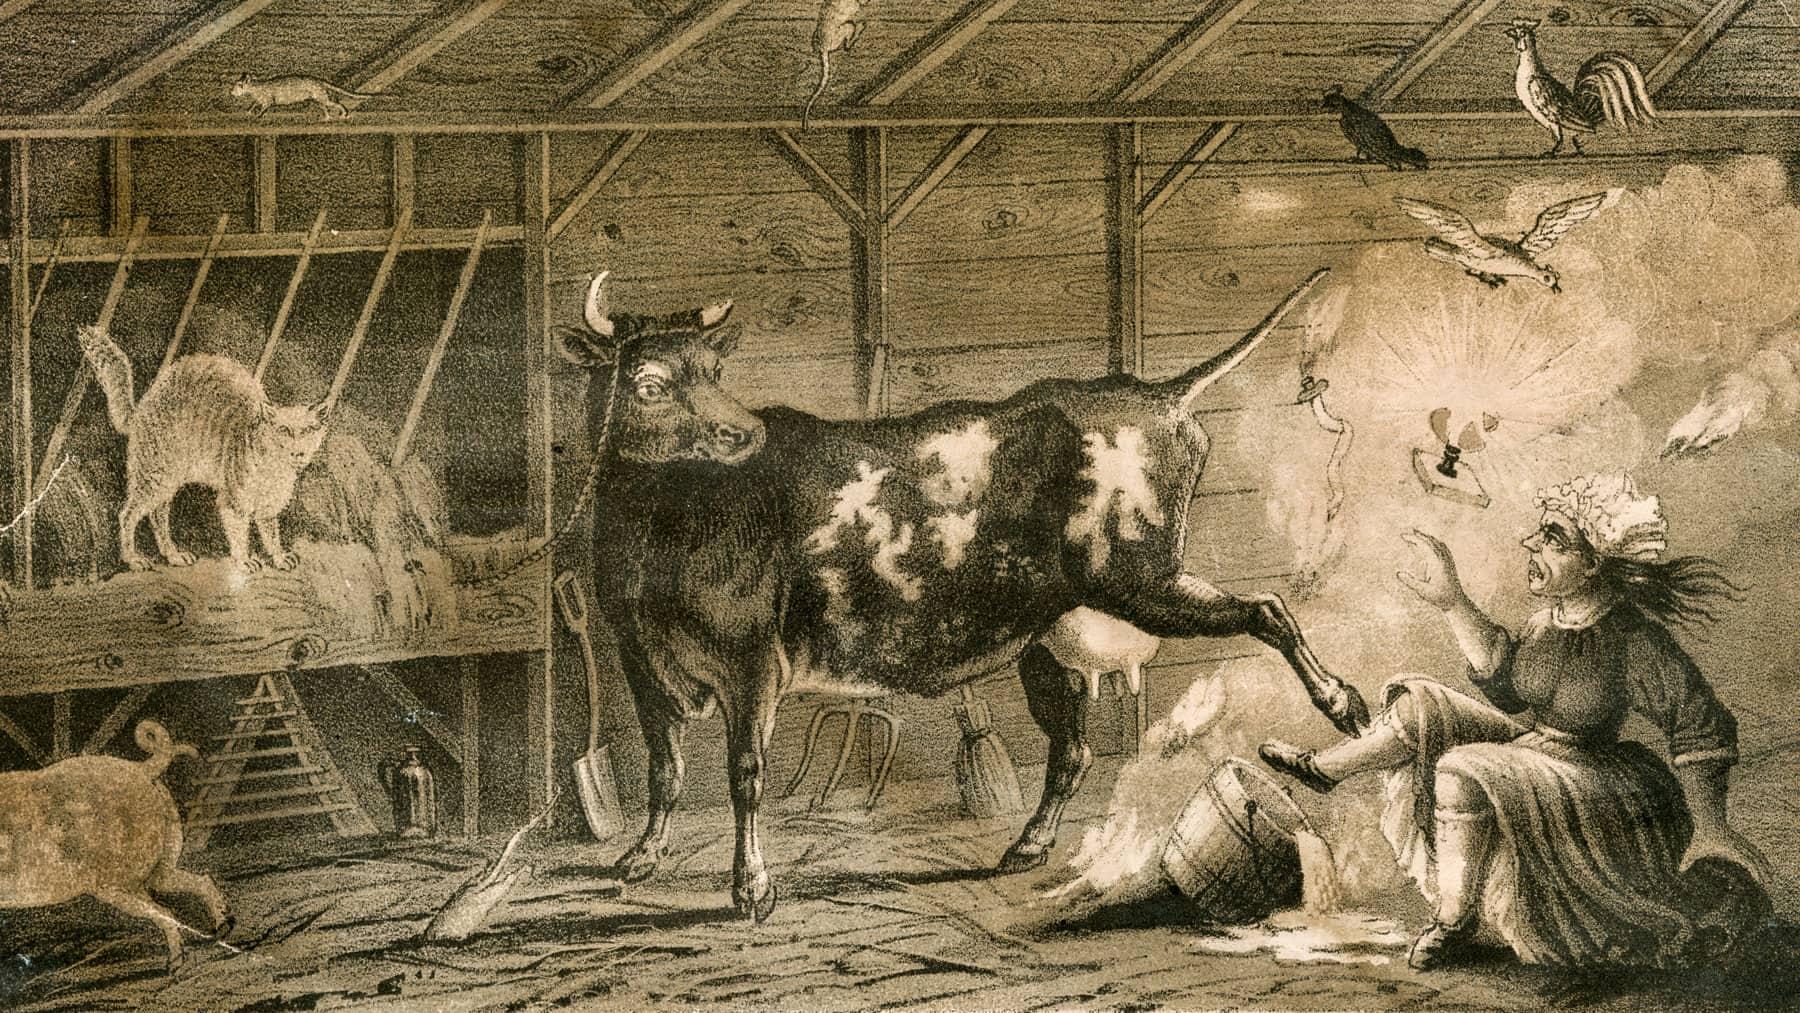 Ilustración de caricatura de la señora O'Leary en su granero mientras su vaca patea una linterna de queroseno'Leary in her barn as her cow kicks over a kerosene lantern